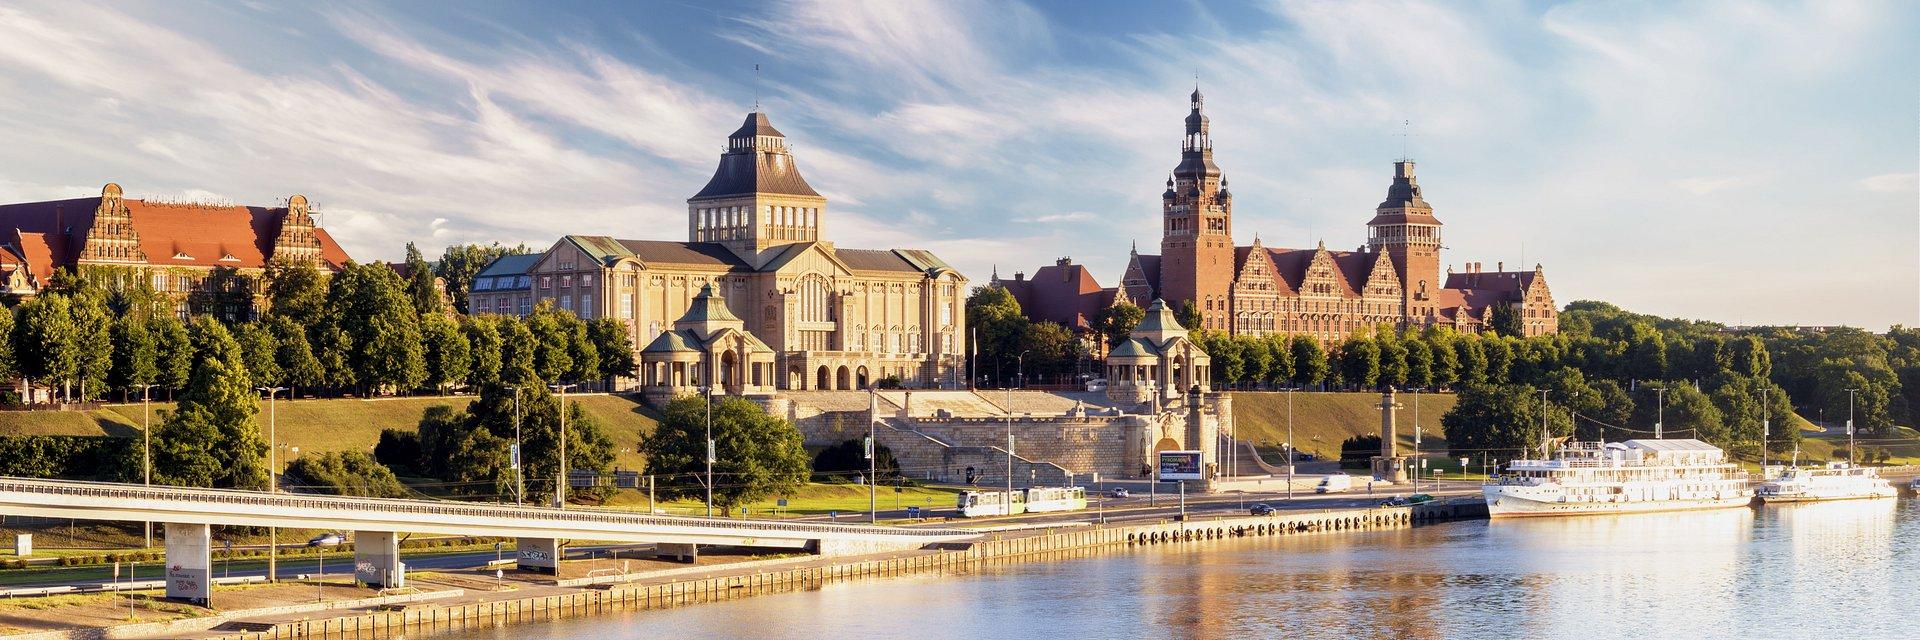 Już co 11. inwestor wybiera Szczecin